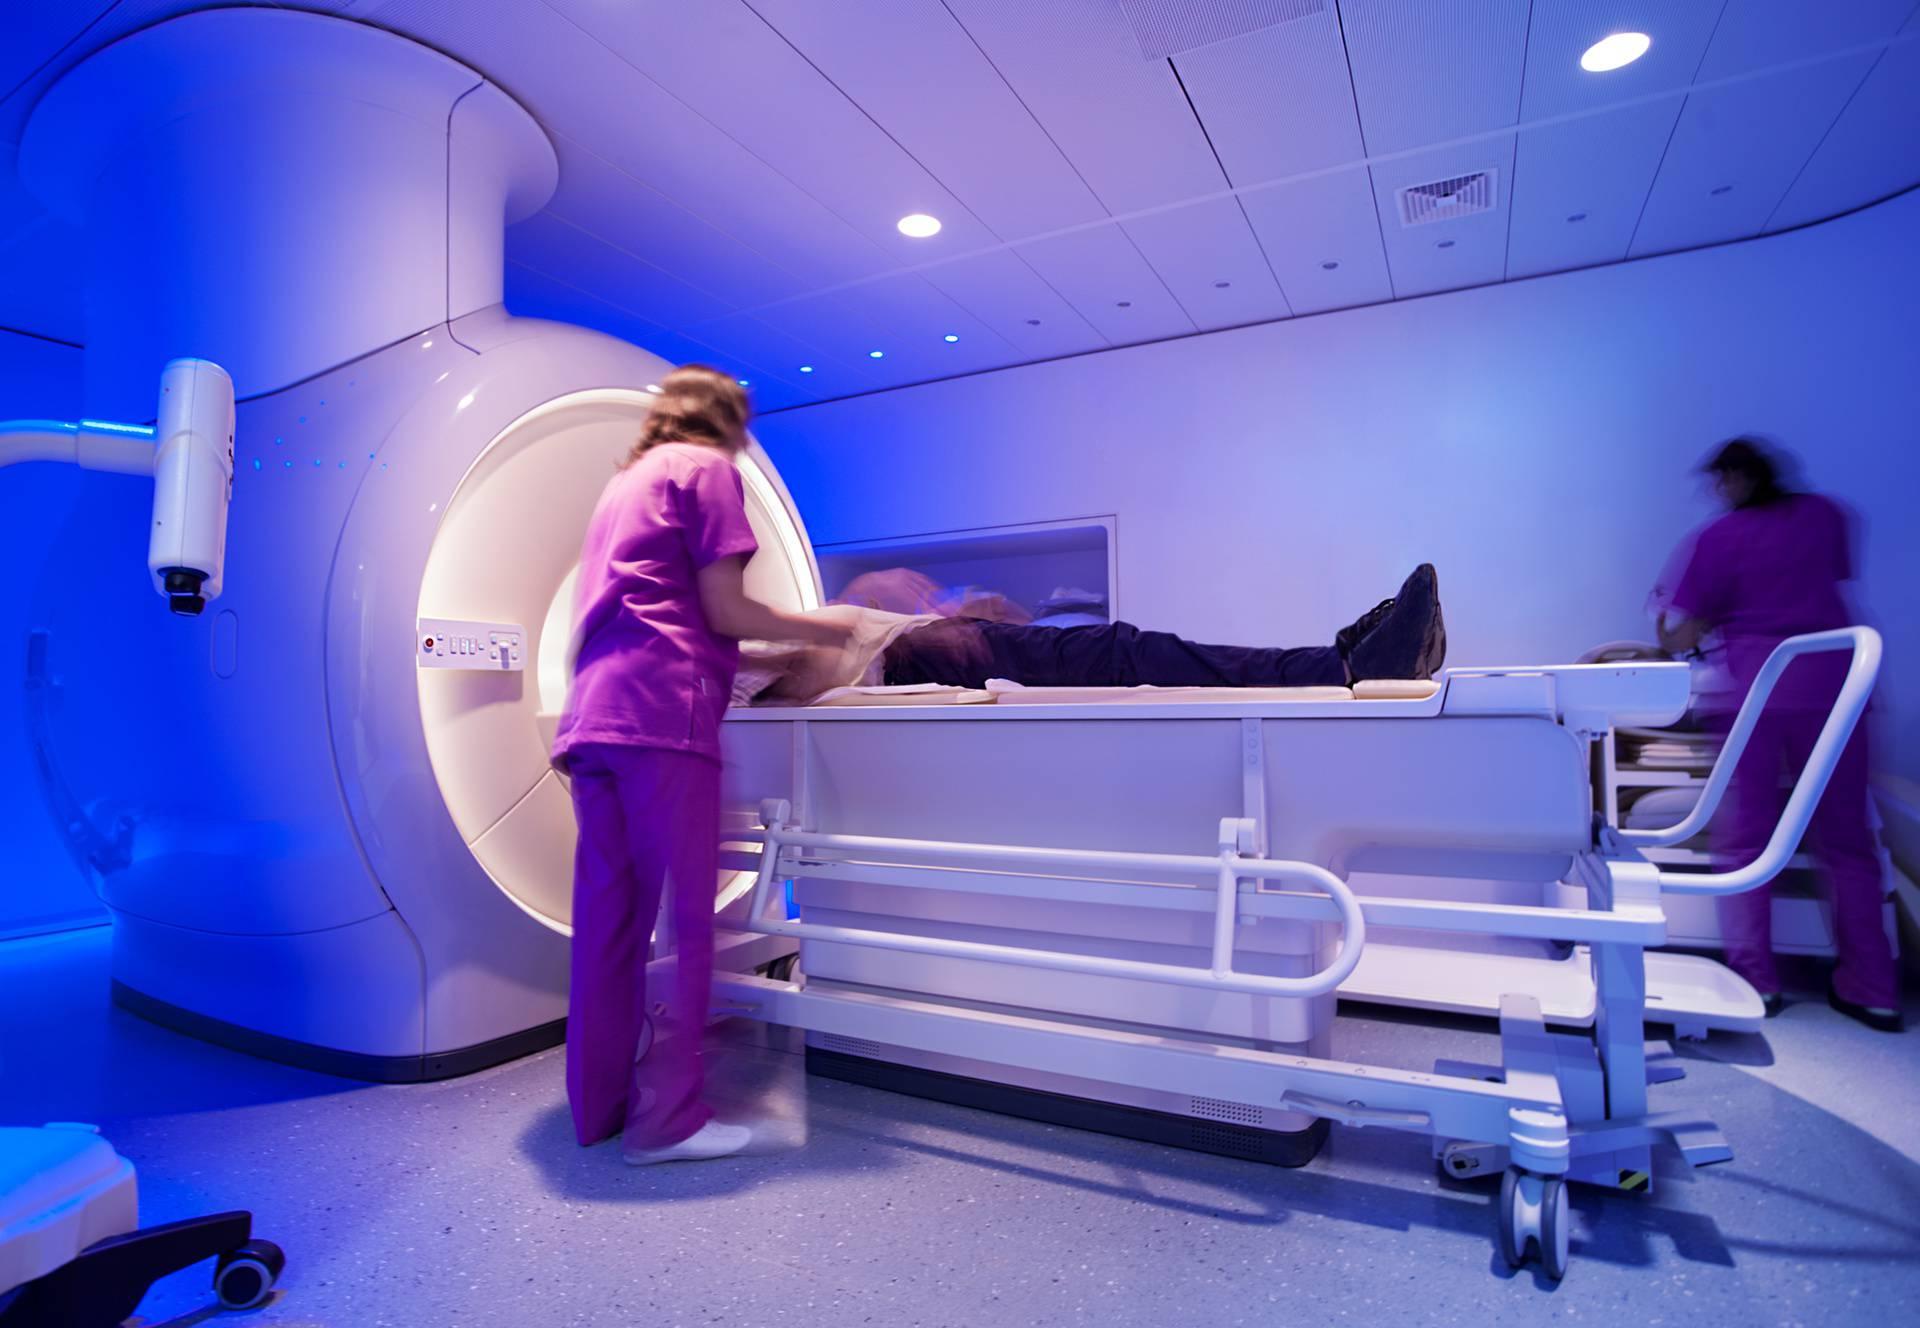 Pacijenti su očajni: Želite na pregled? Vidimo se za 654 dana